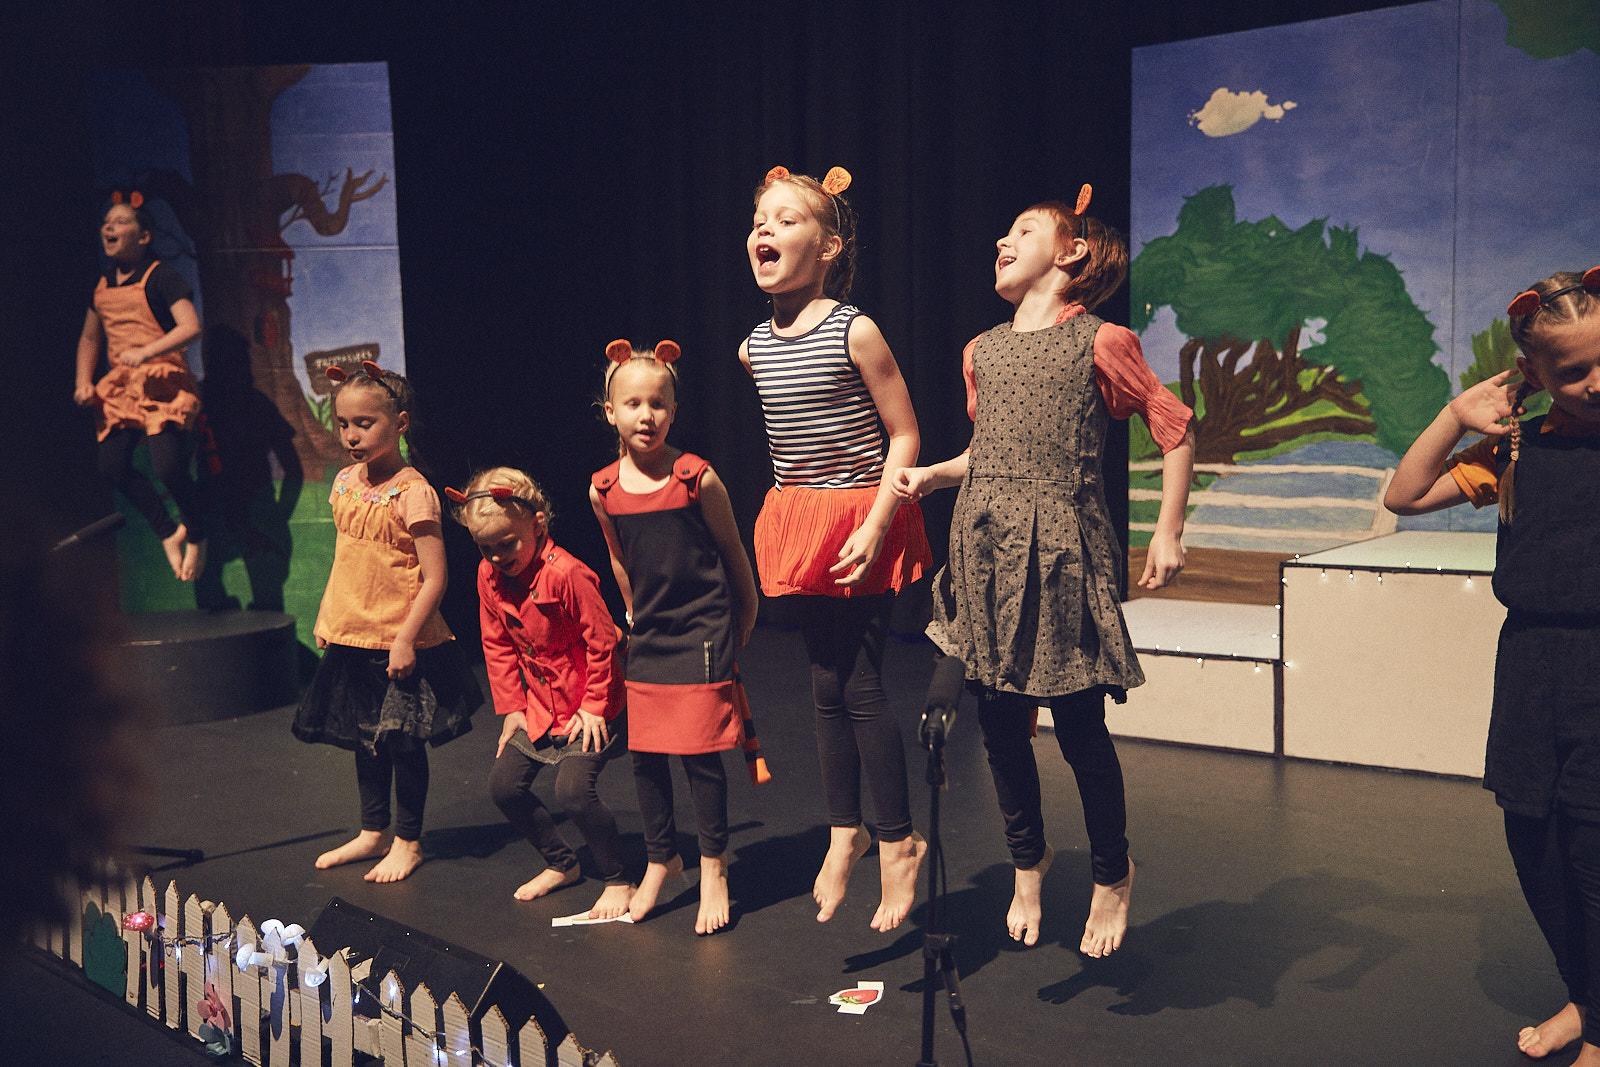 Creating Confident Kids - Speak Up Studio